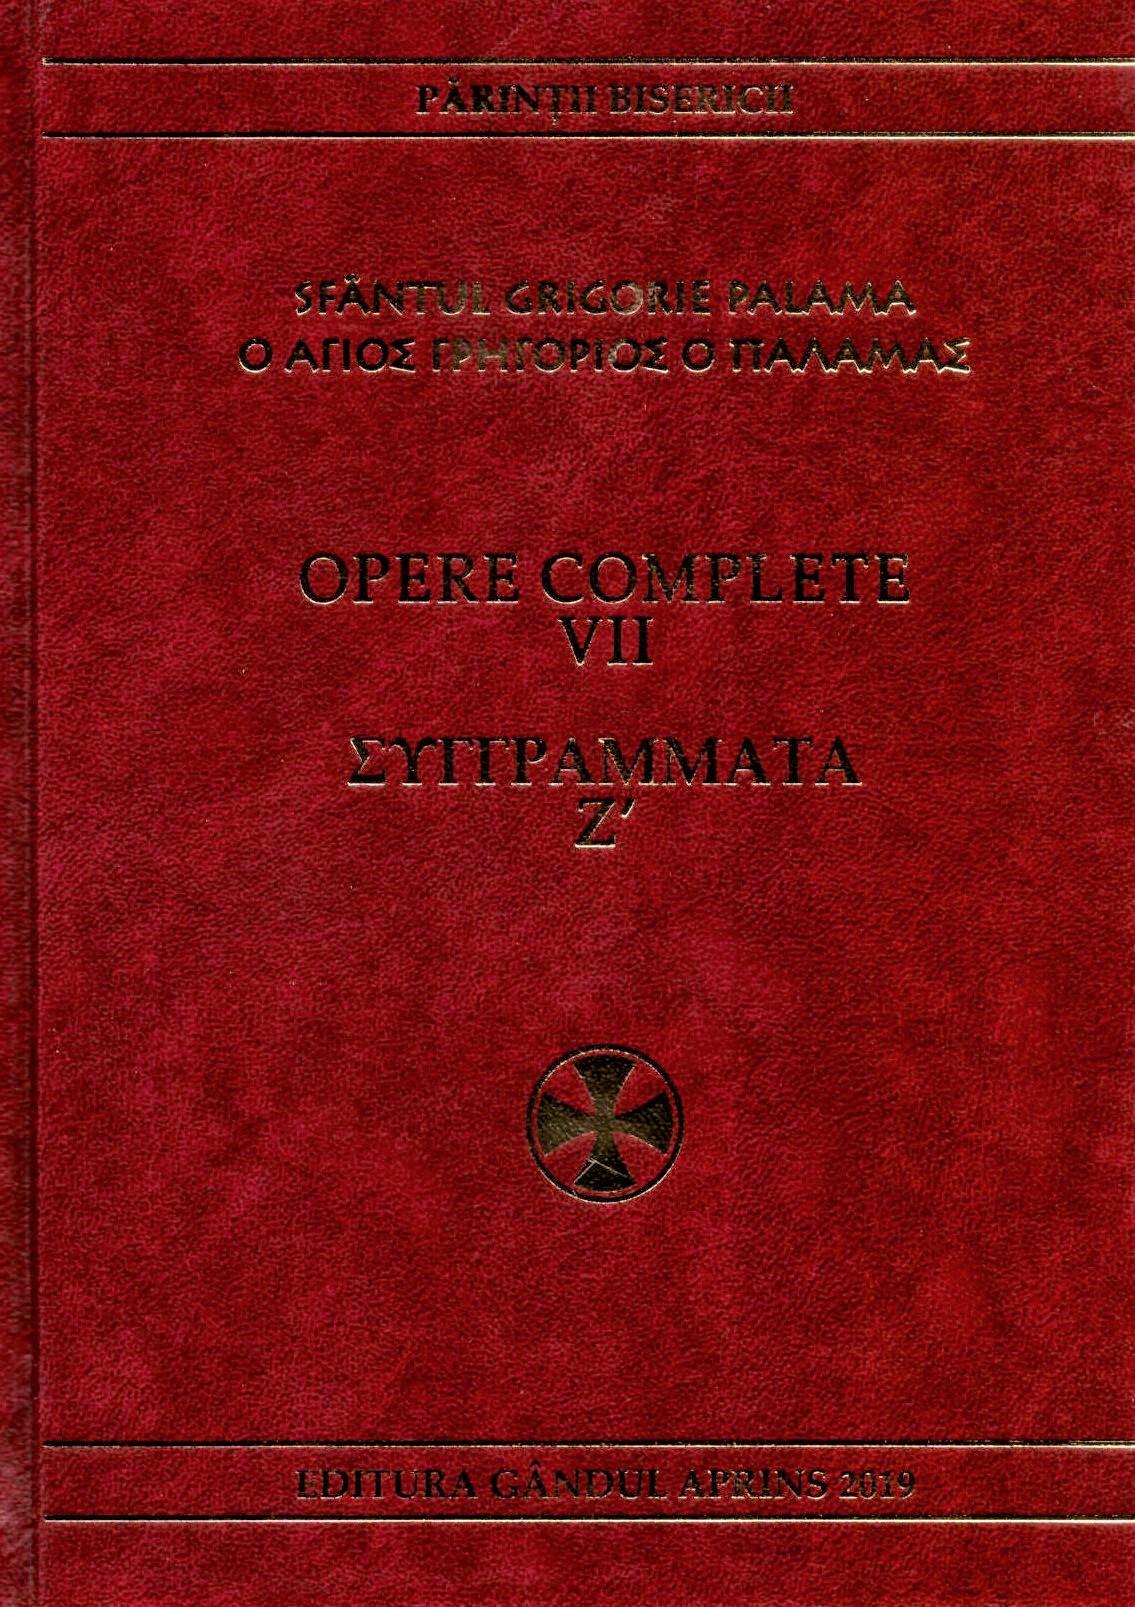 Opere complete Sfantul Grigorie Palama vol. VII - Fundatia Gandul Aprins